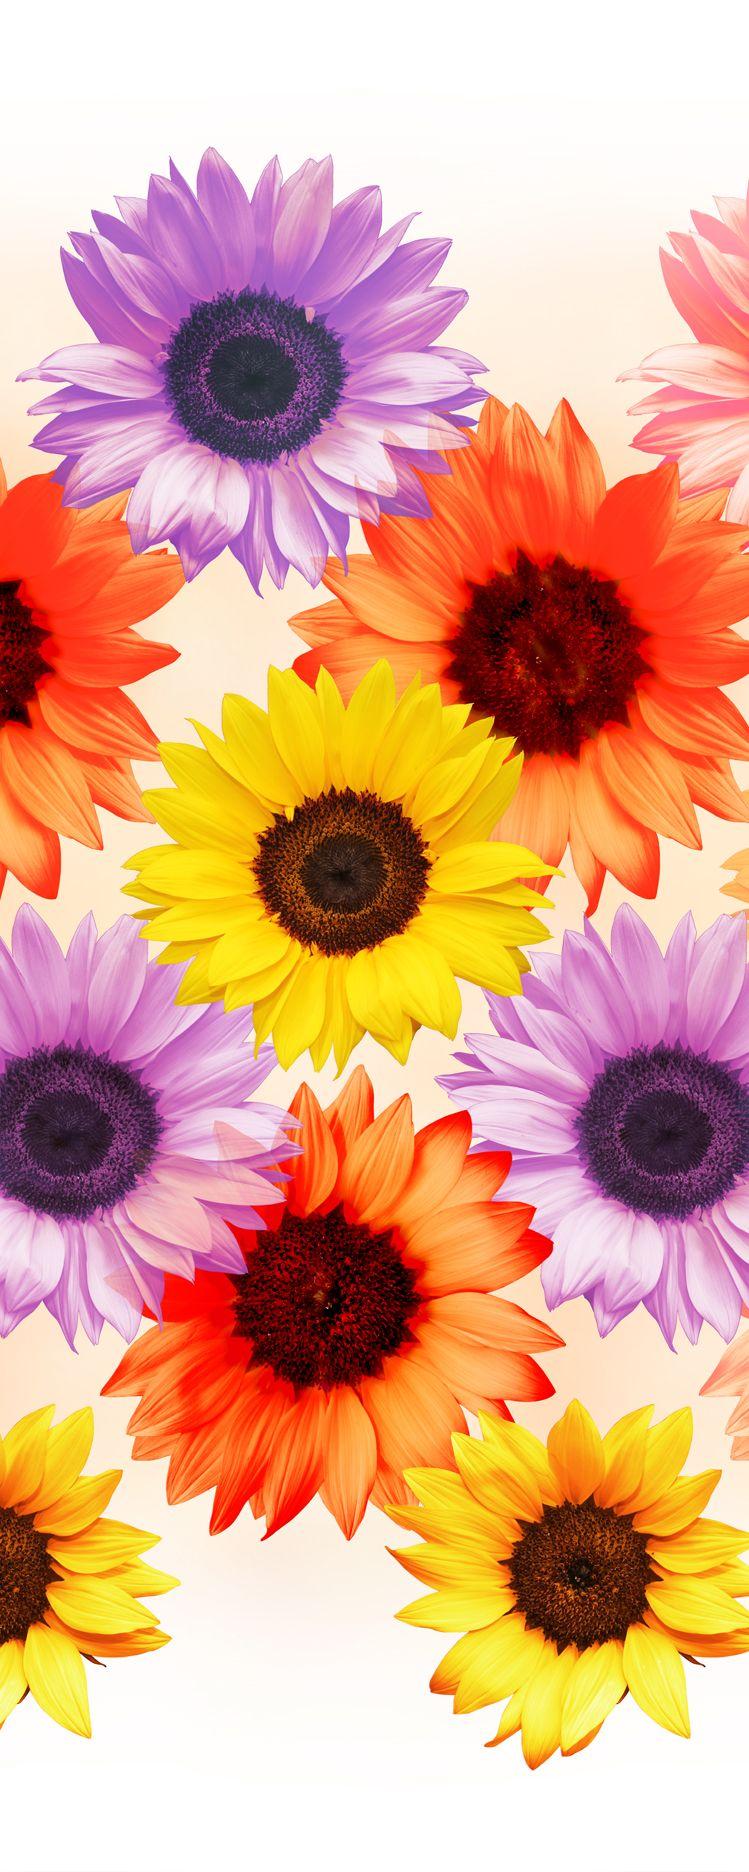 Die Sonnenblume steht für pure Fröhlichkeit, Spaß und menschliche ...